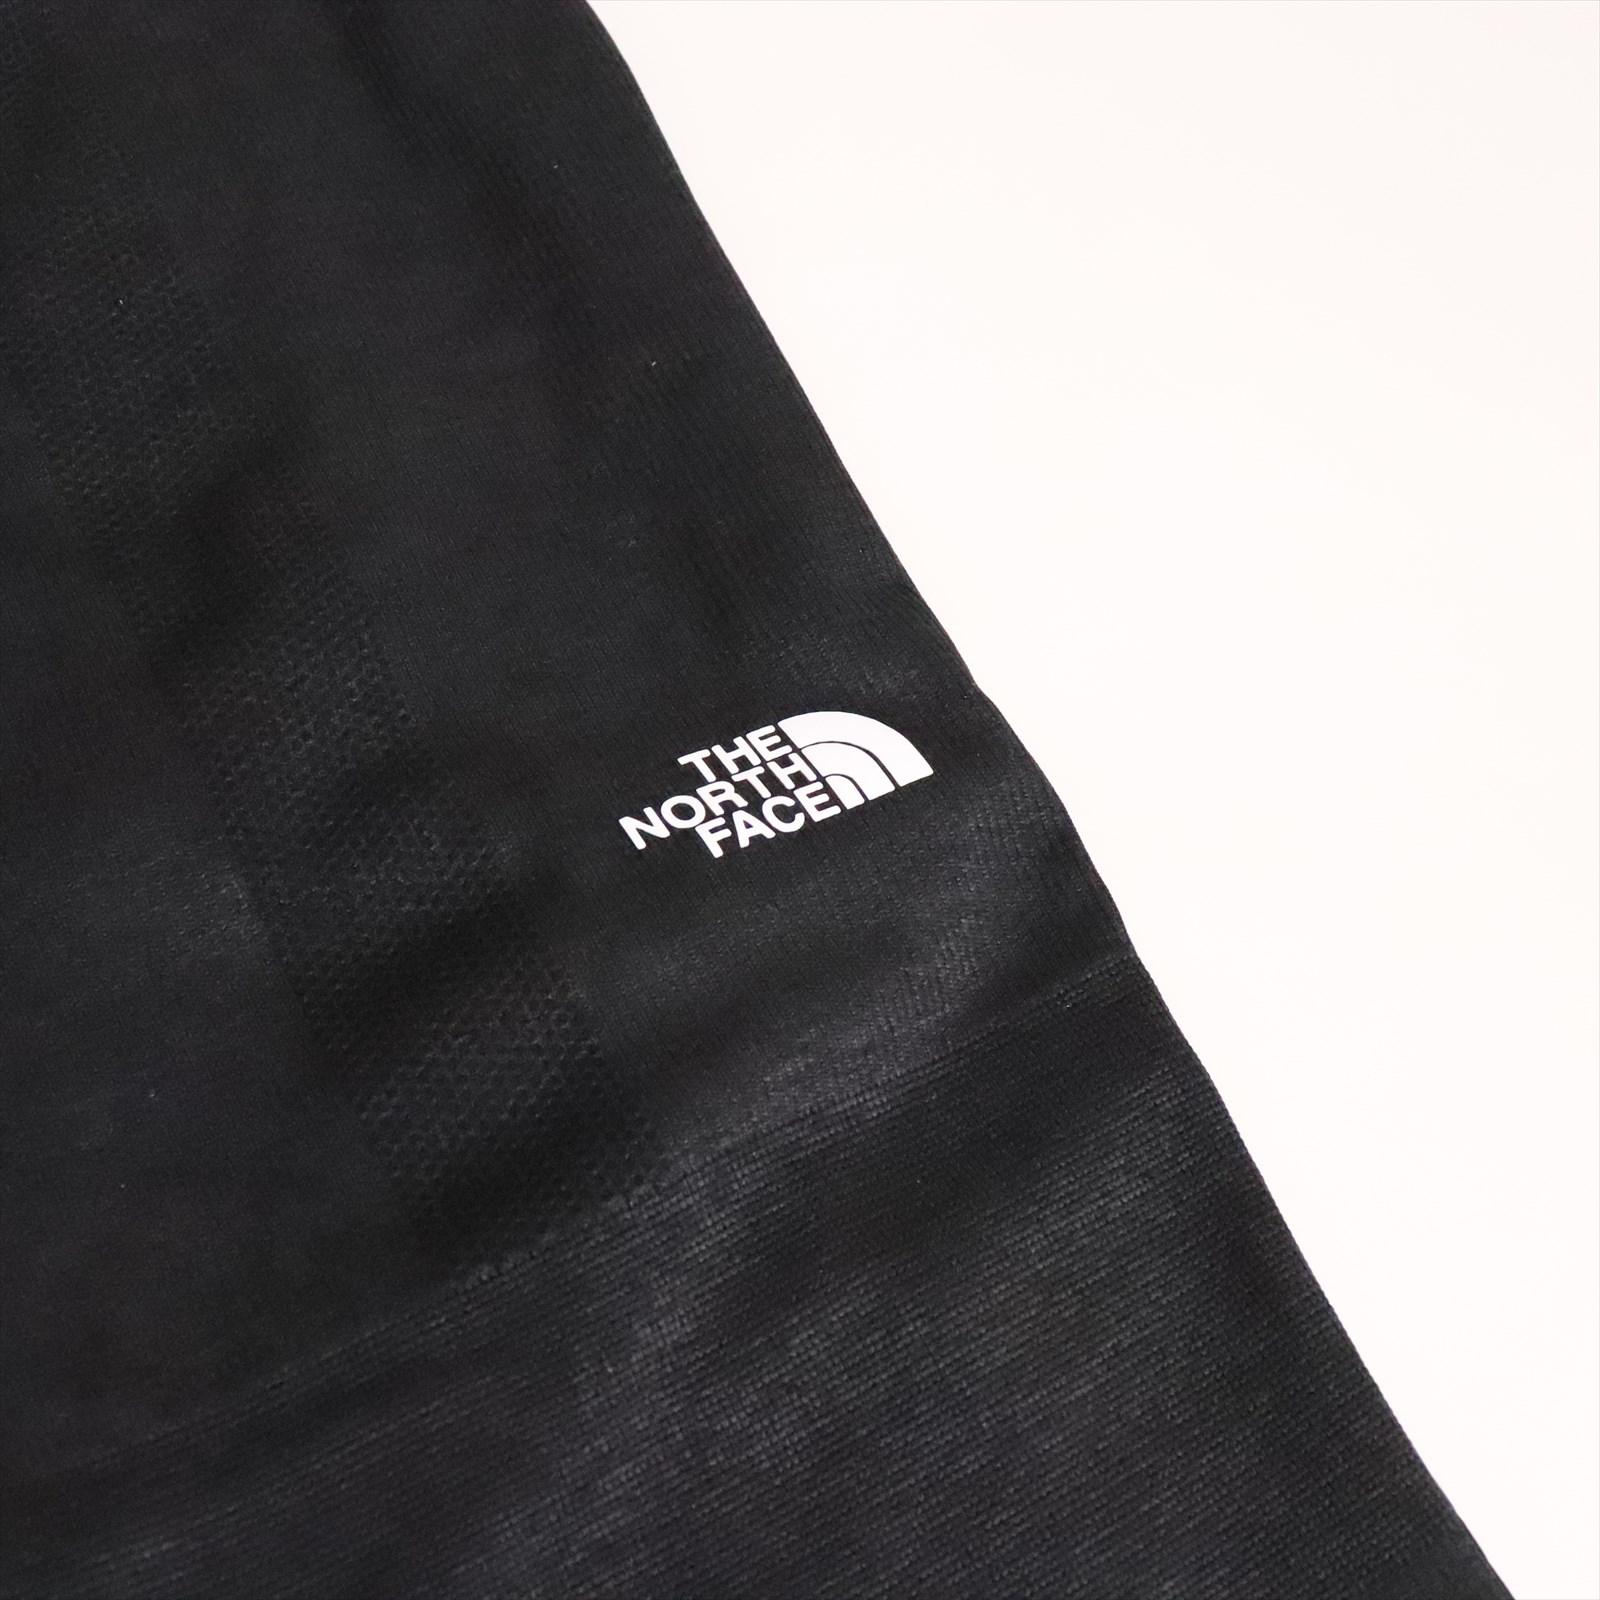 ザ・ノースフェイス   NBW32011 ハイブリッドアンビションパンツ(レディース)